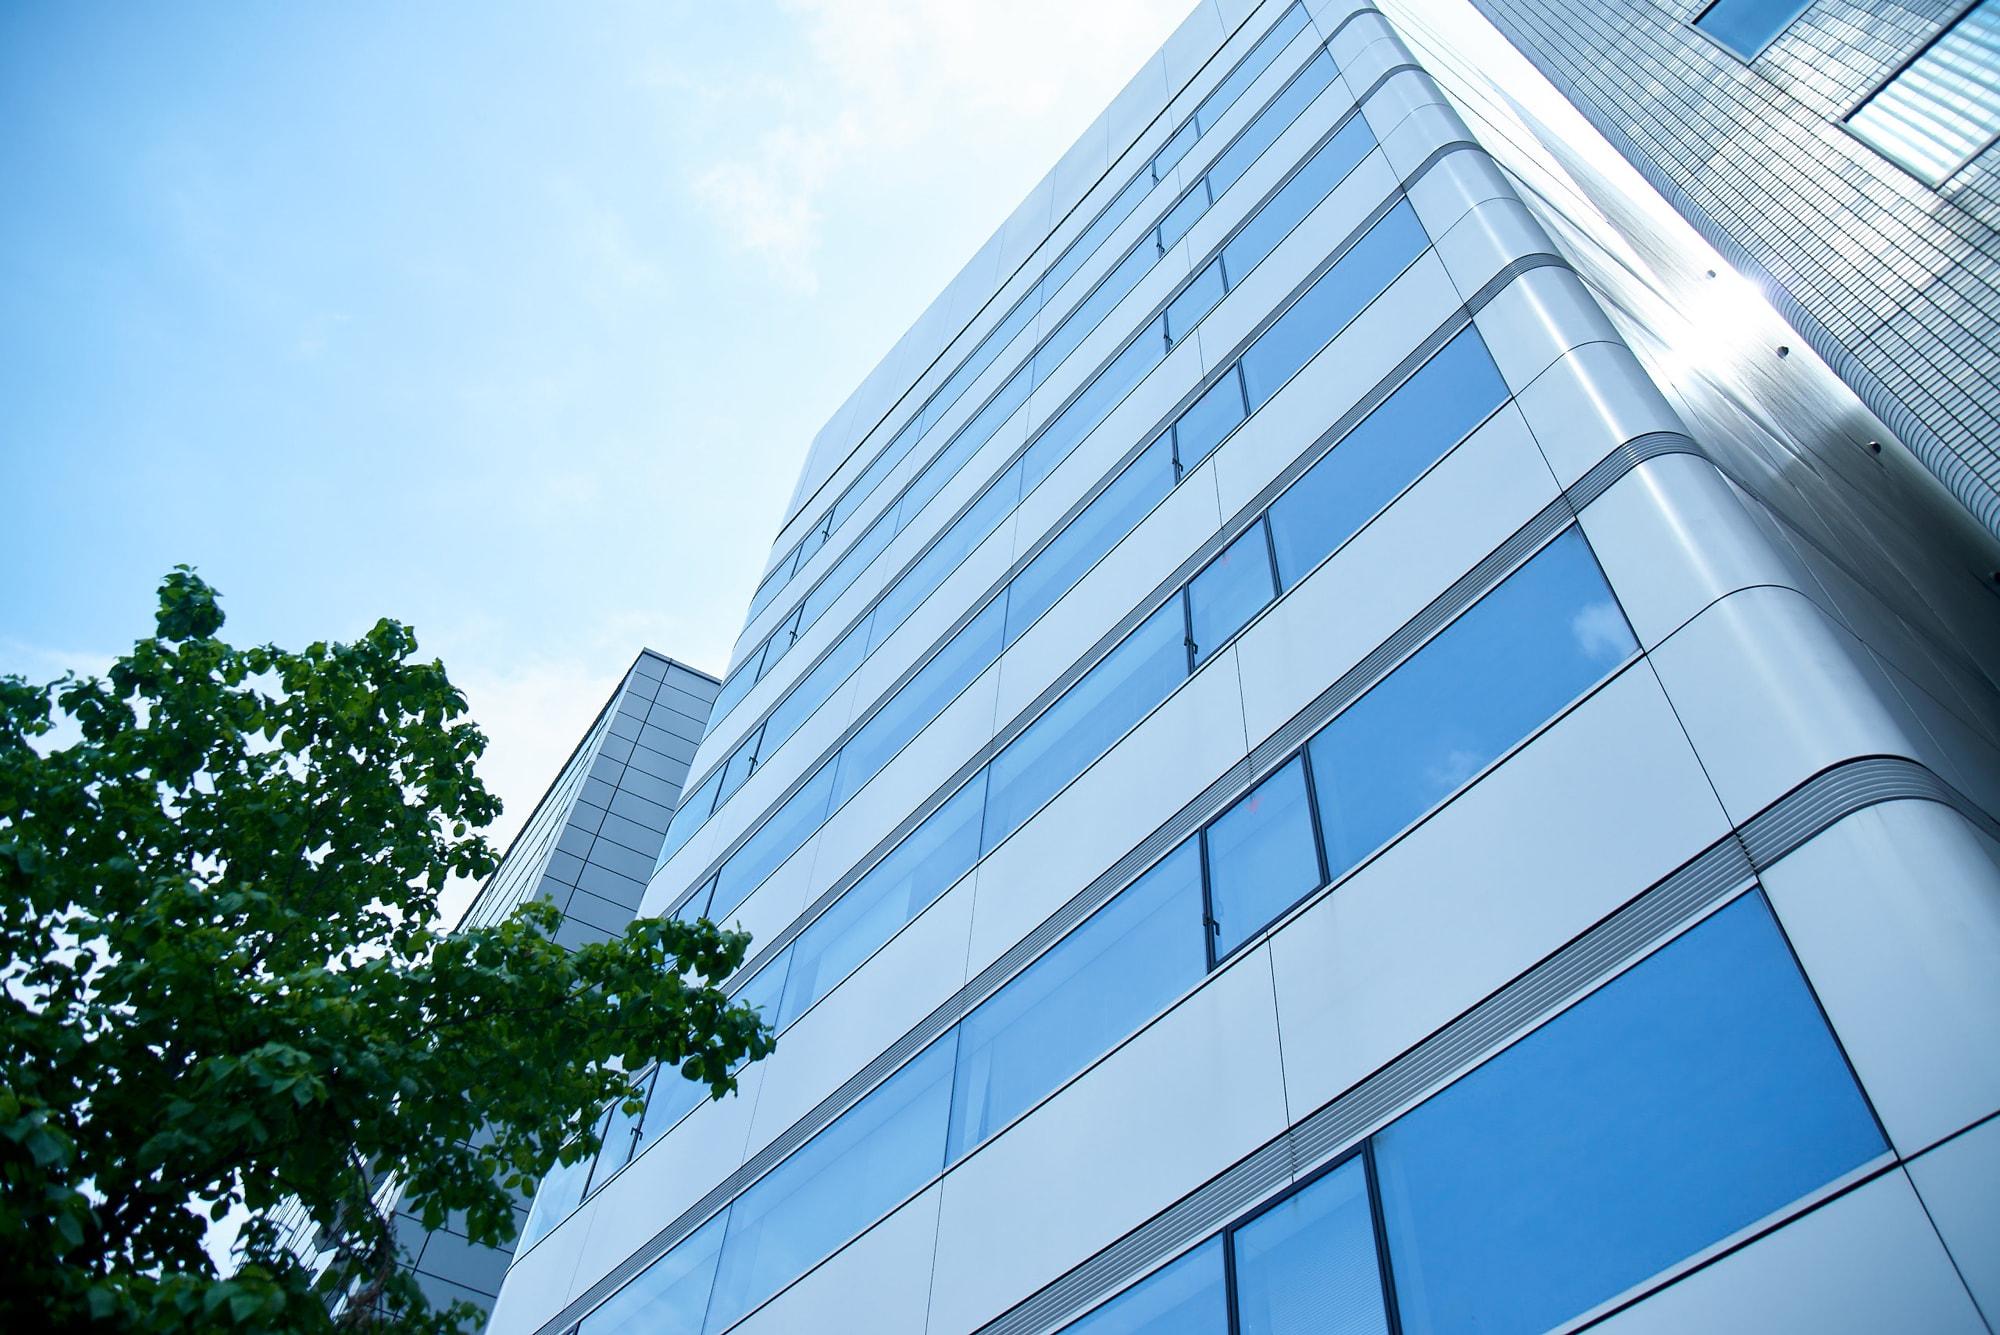 本部のビルから4軒隣のオフィスビルに赤坂事務所を設置しています。2階、3階、6階がアクタスグループの執務室です。最寄りは赤坂見附駅、徒歩2分です。